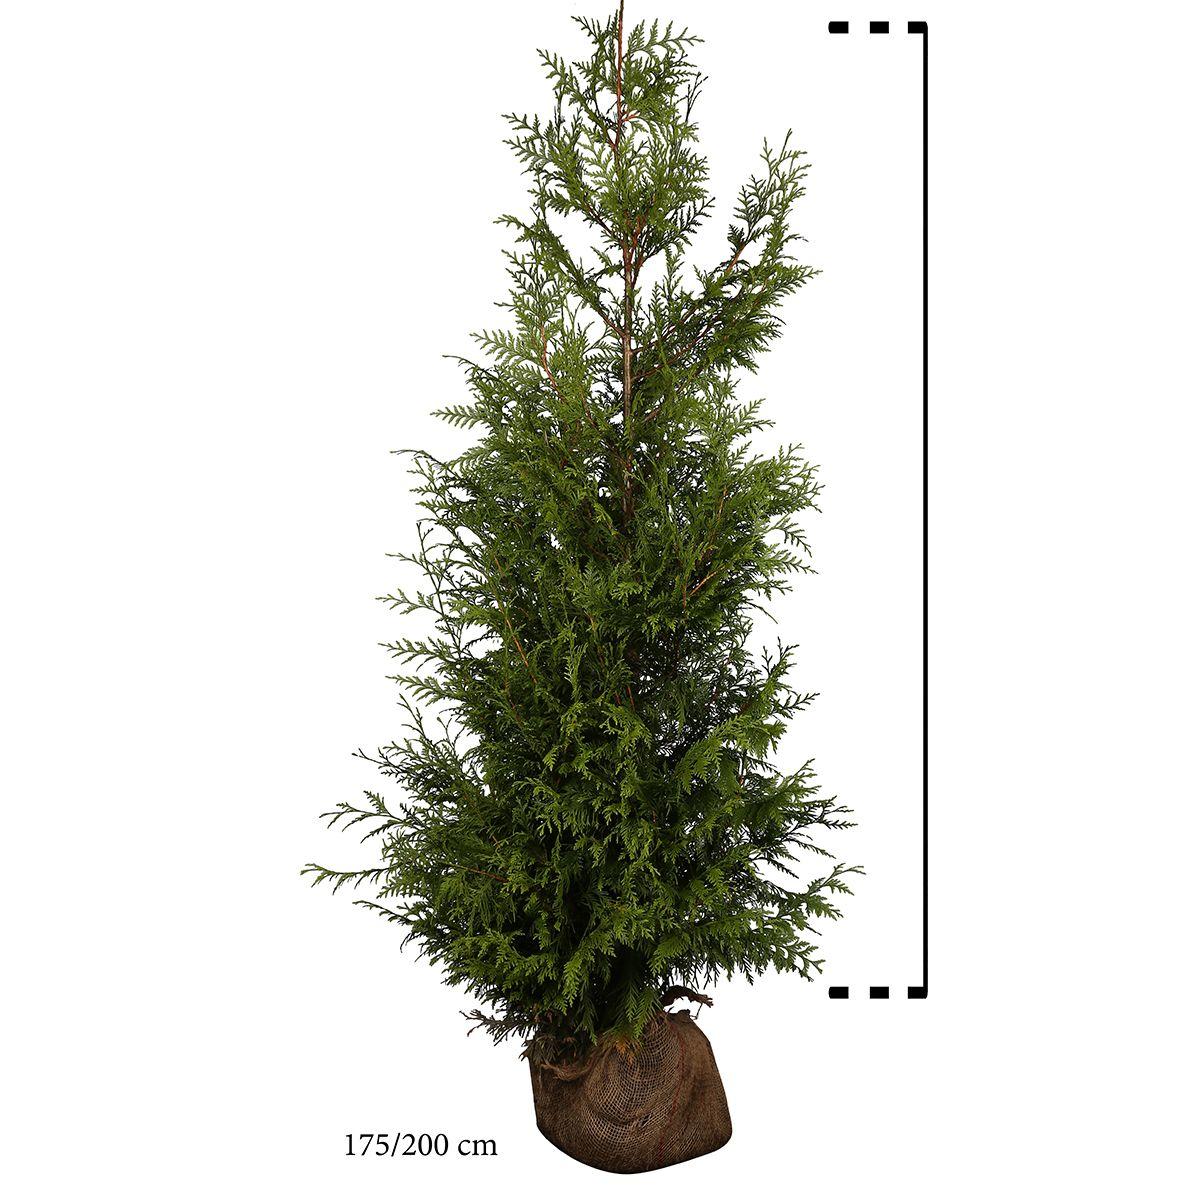 Lebensbaum 'Excelsa' Wurzelballen 175-200 cm